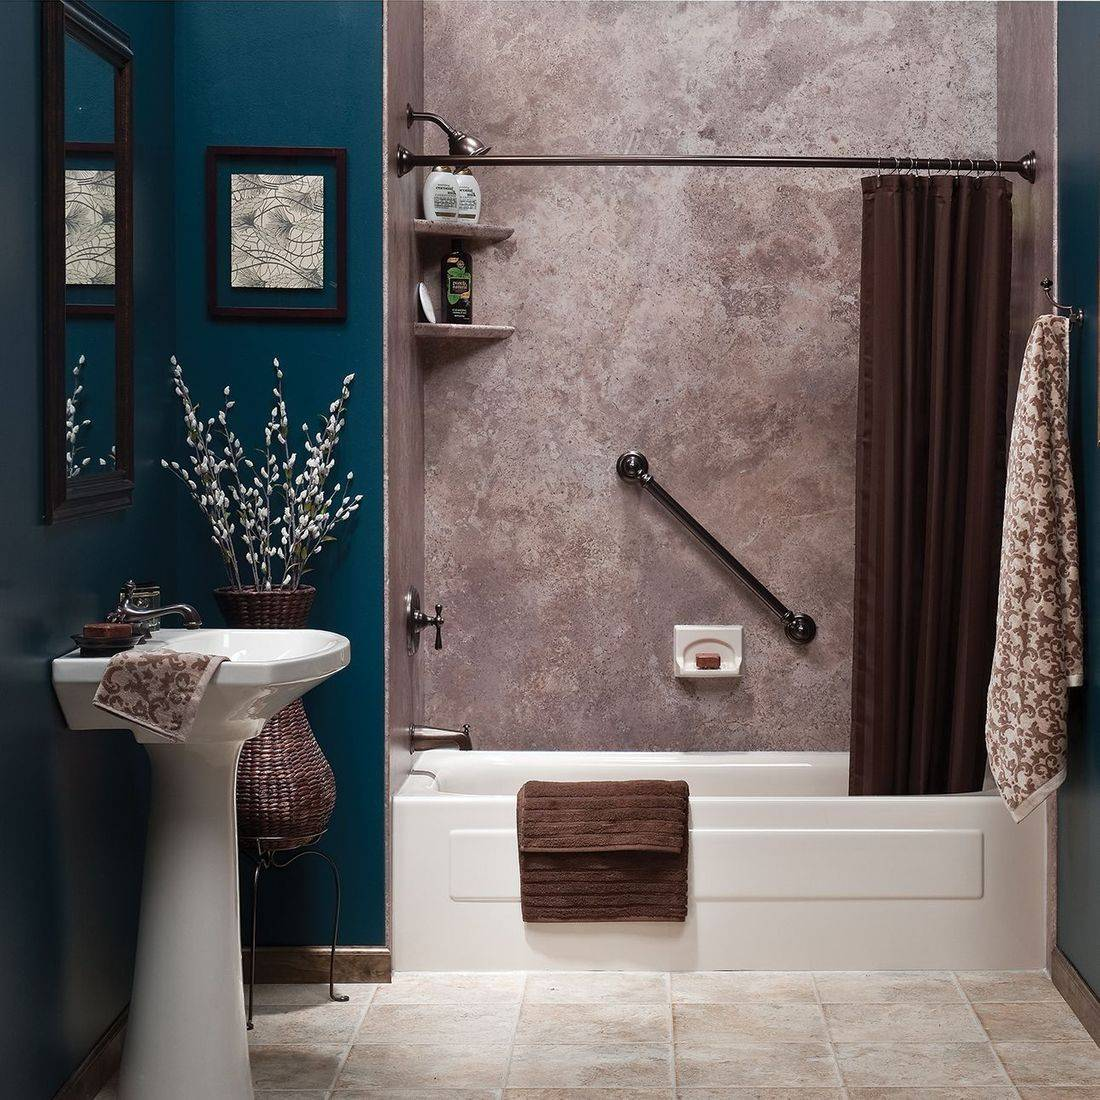 fleurco shower doors, bath liners, tub liners, bath planet, bath fitter, bath liners plus , bain magique, bain miracle